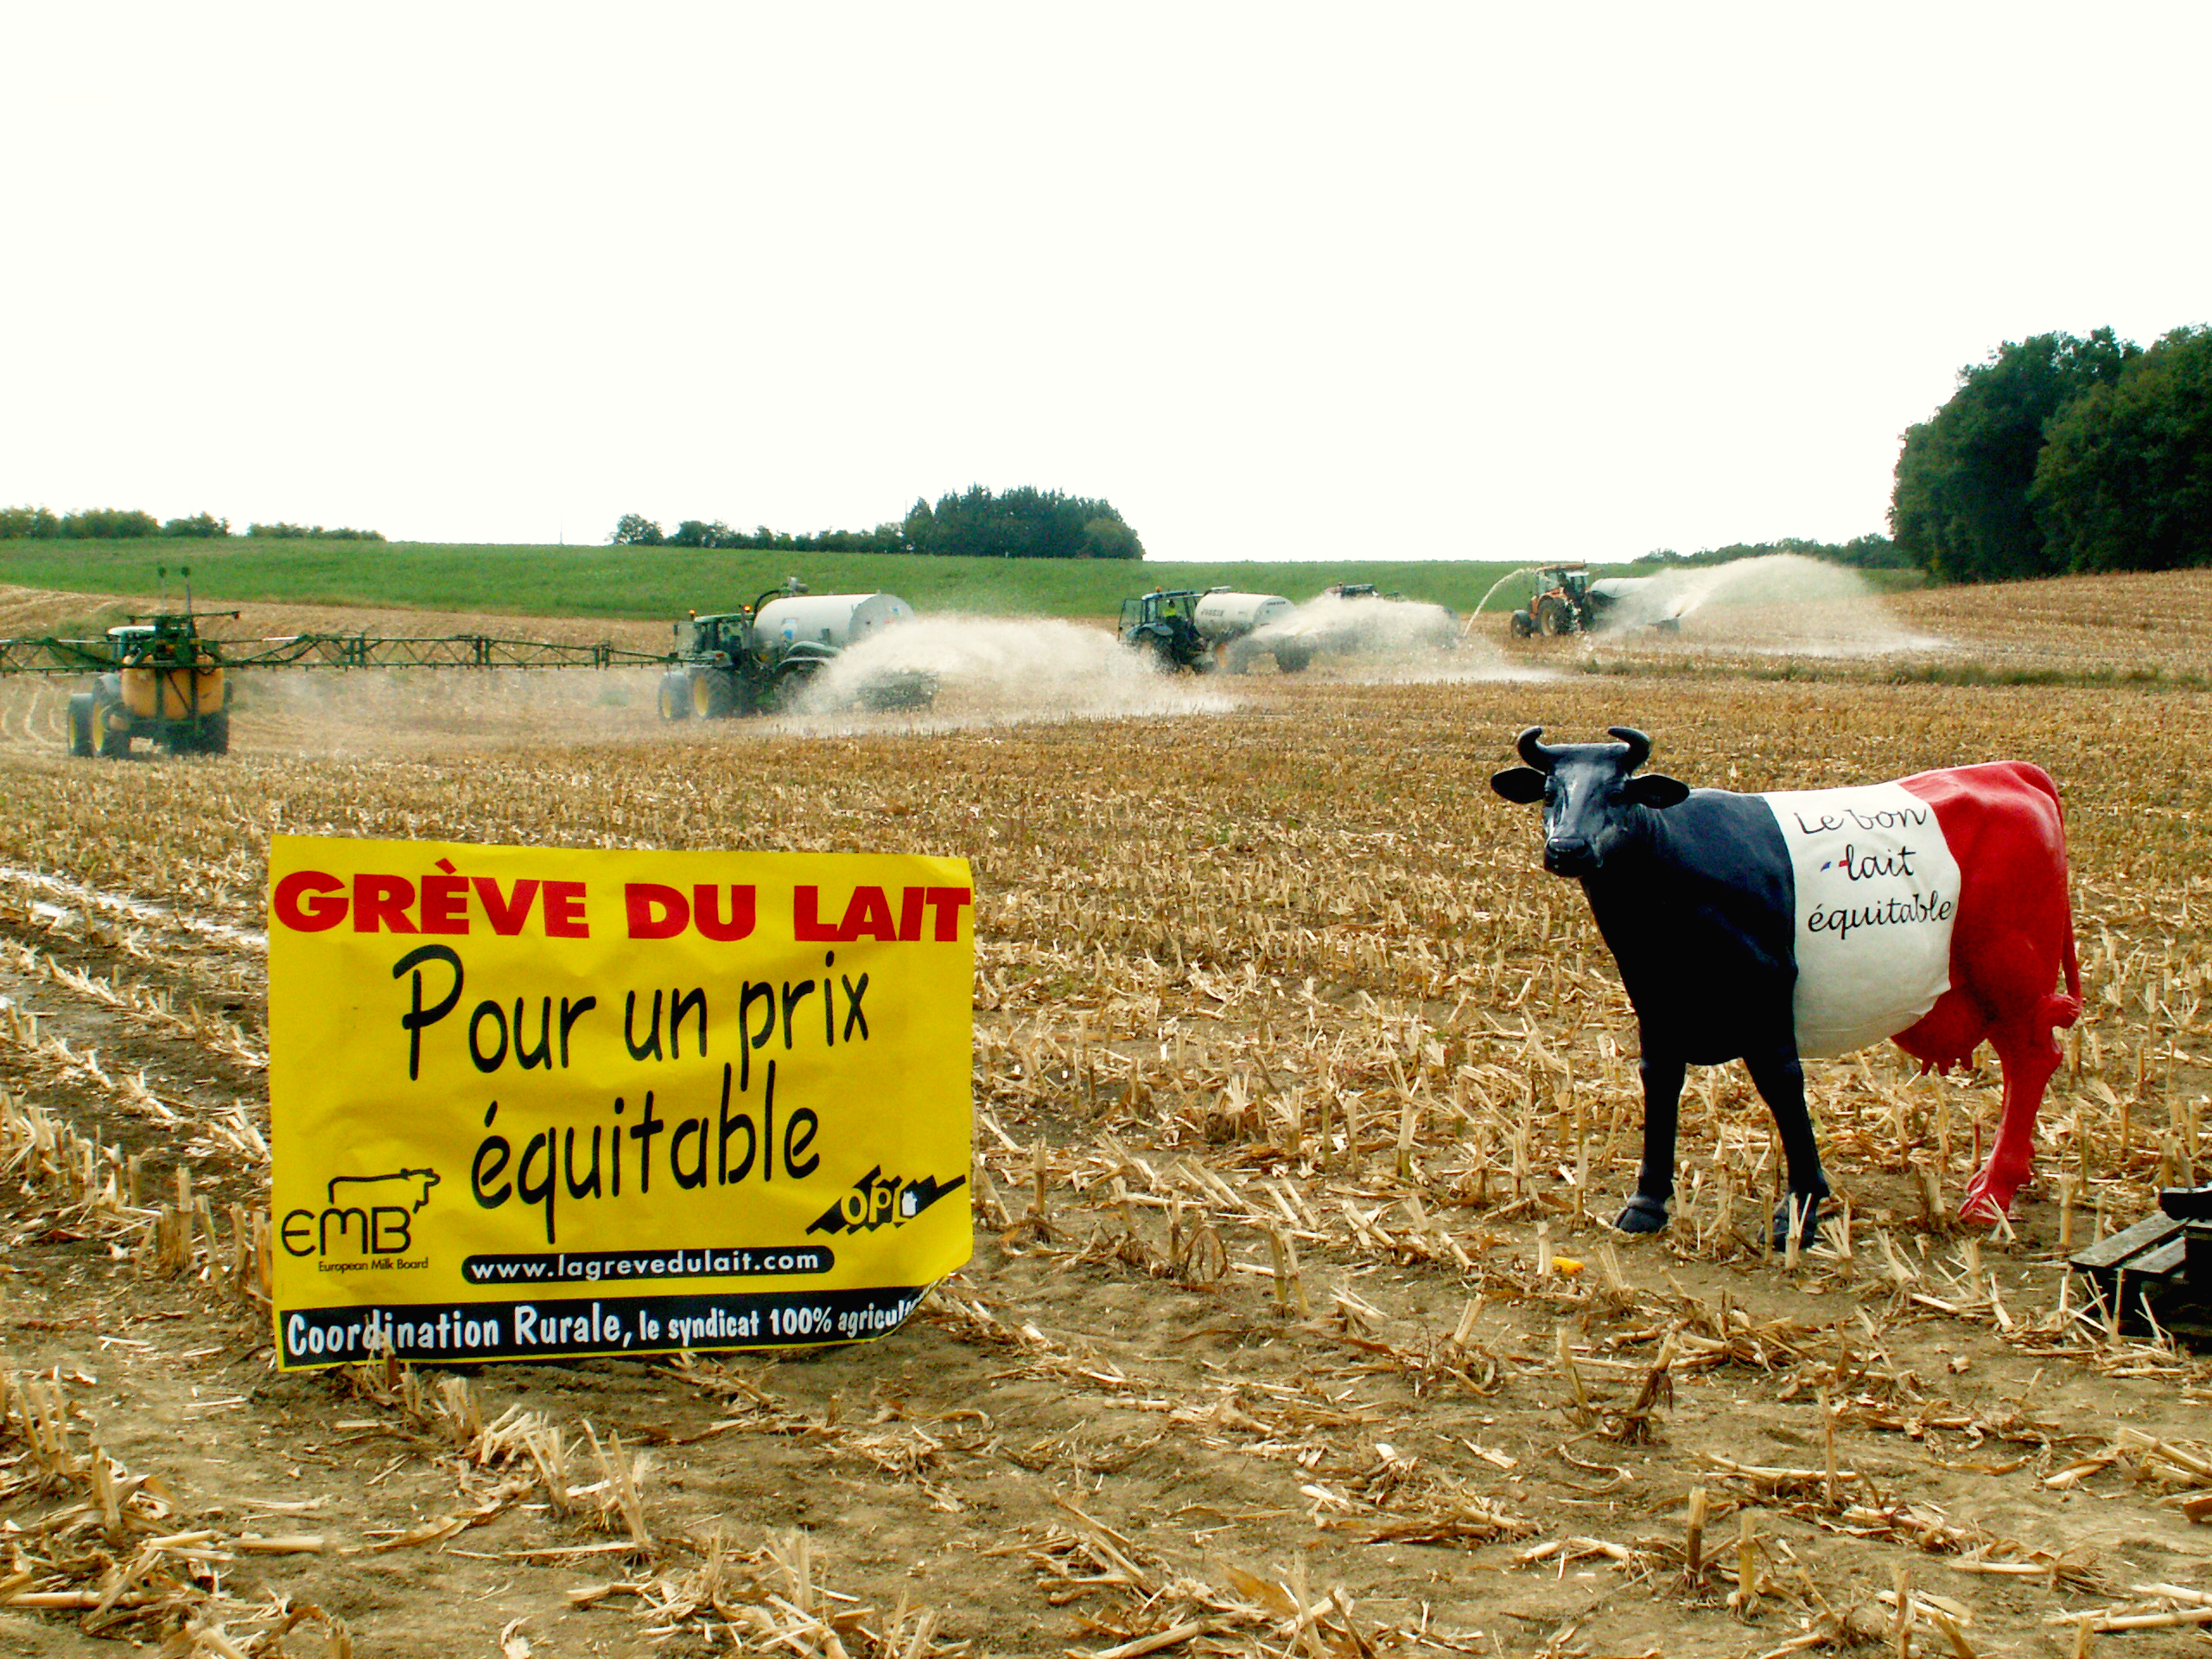 Grève du lait Lolme 1